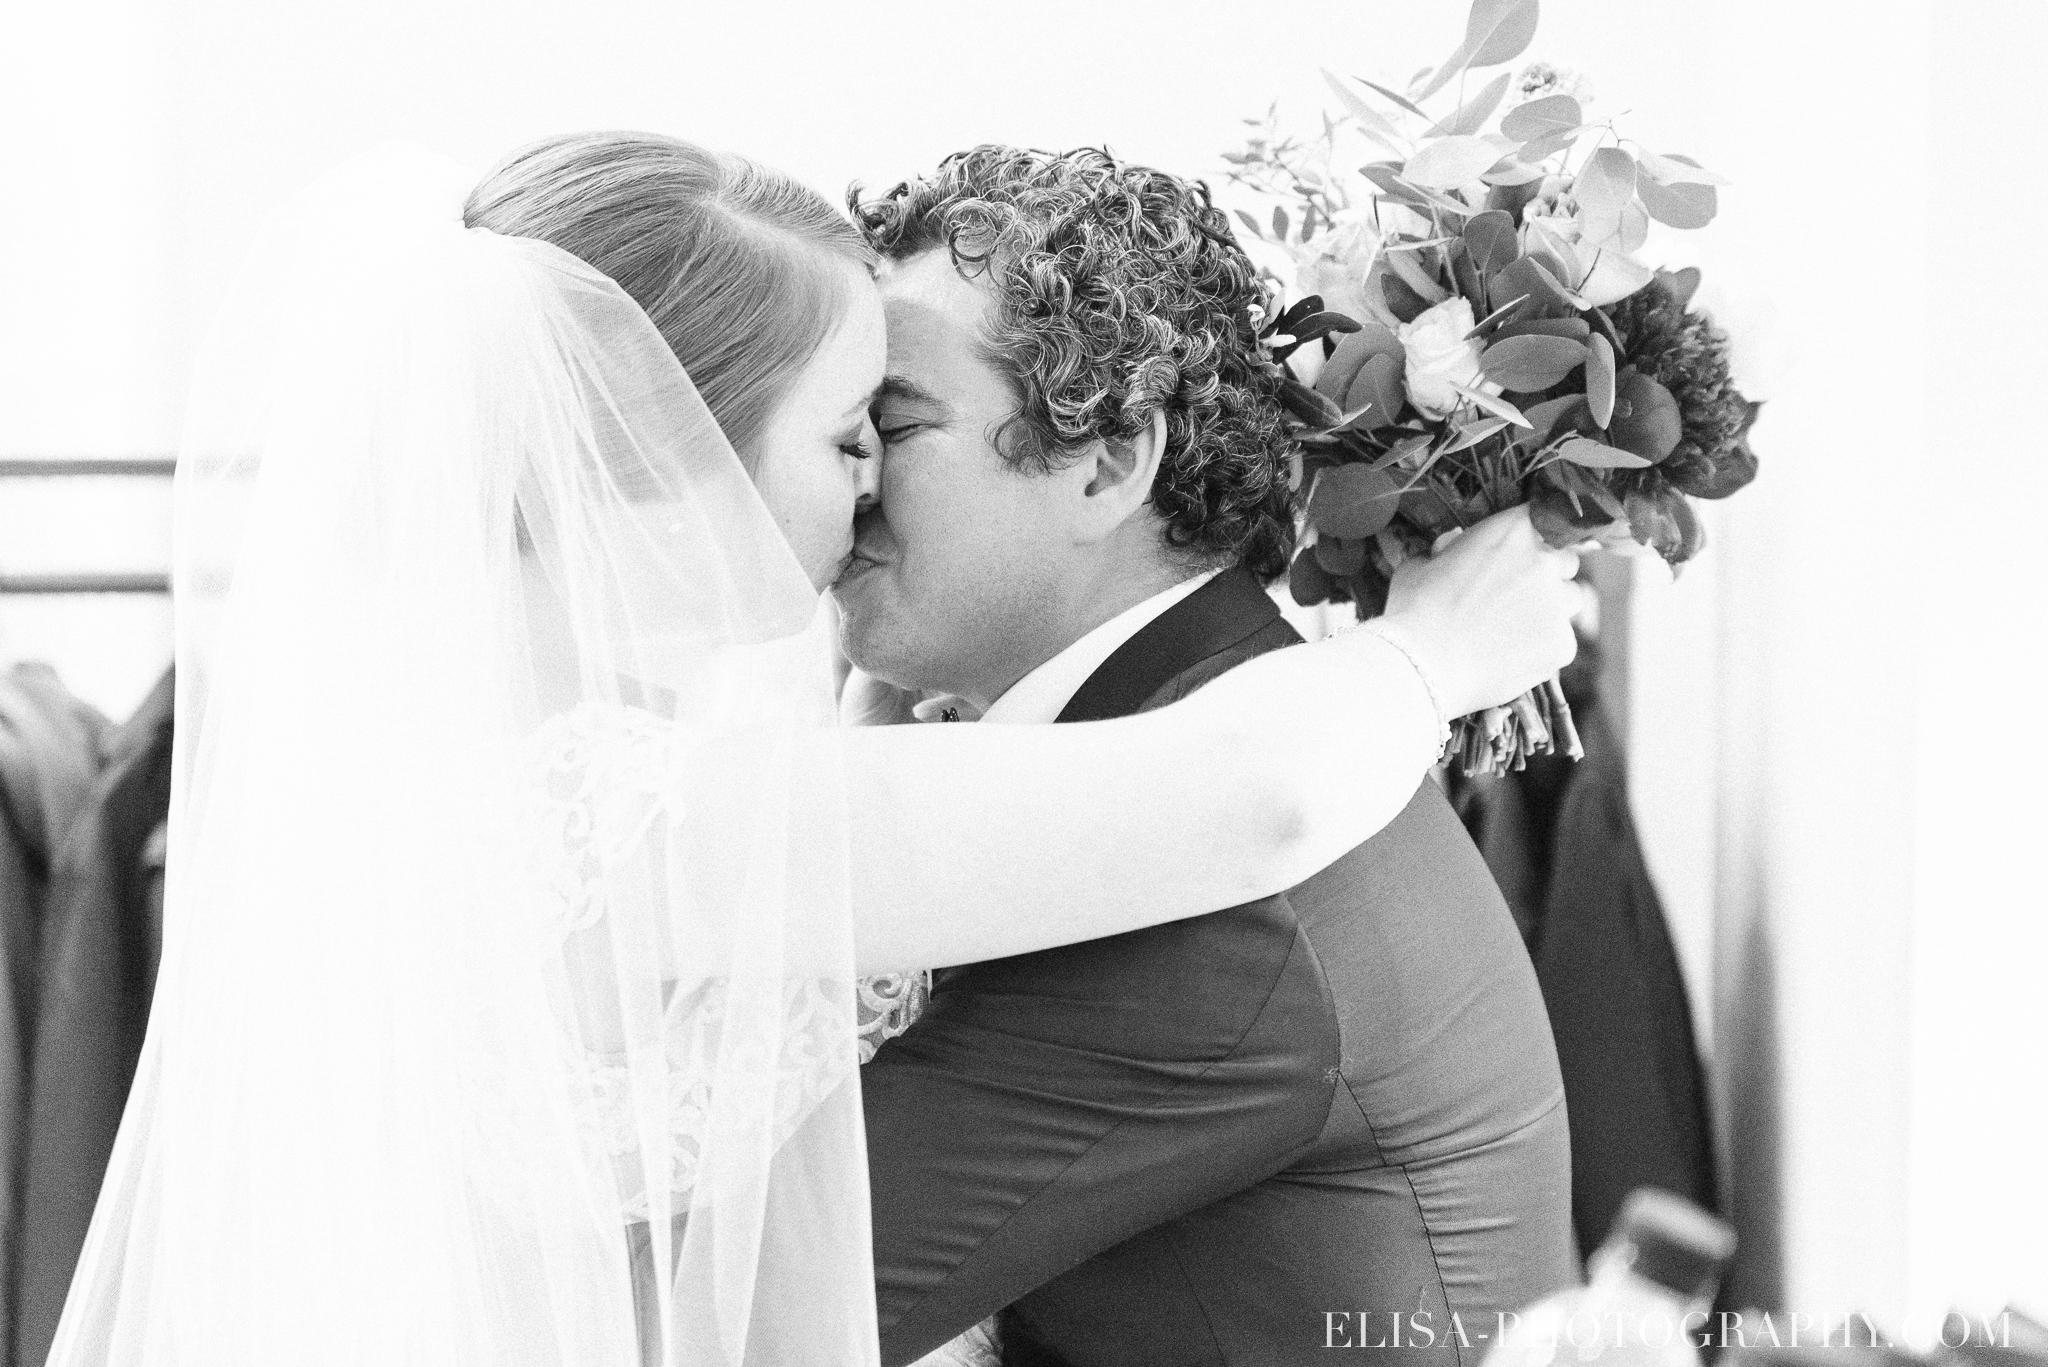 photo mariage ceremonie lifestyle domaine cataraqui pluie atelier peintre 0639 - Mariage élégant et discret au coeur du magnifique Domaine Cataraqui, Québec